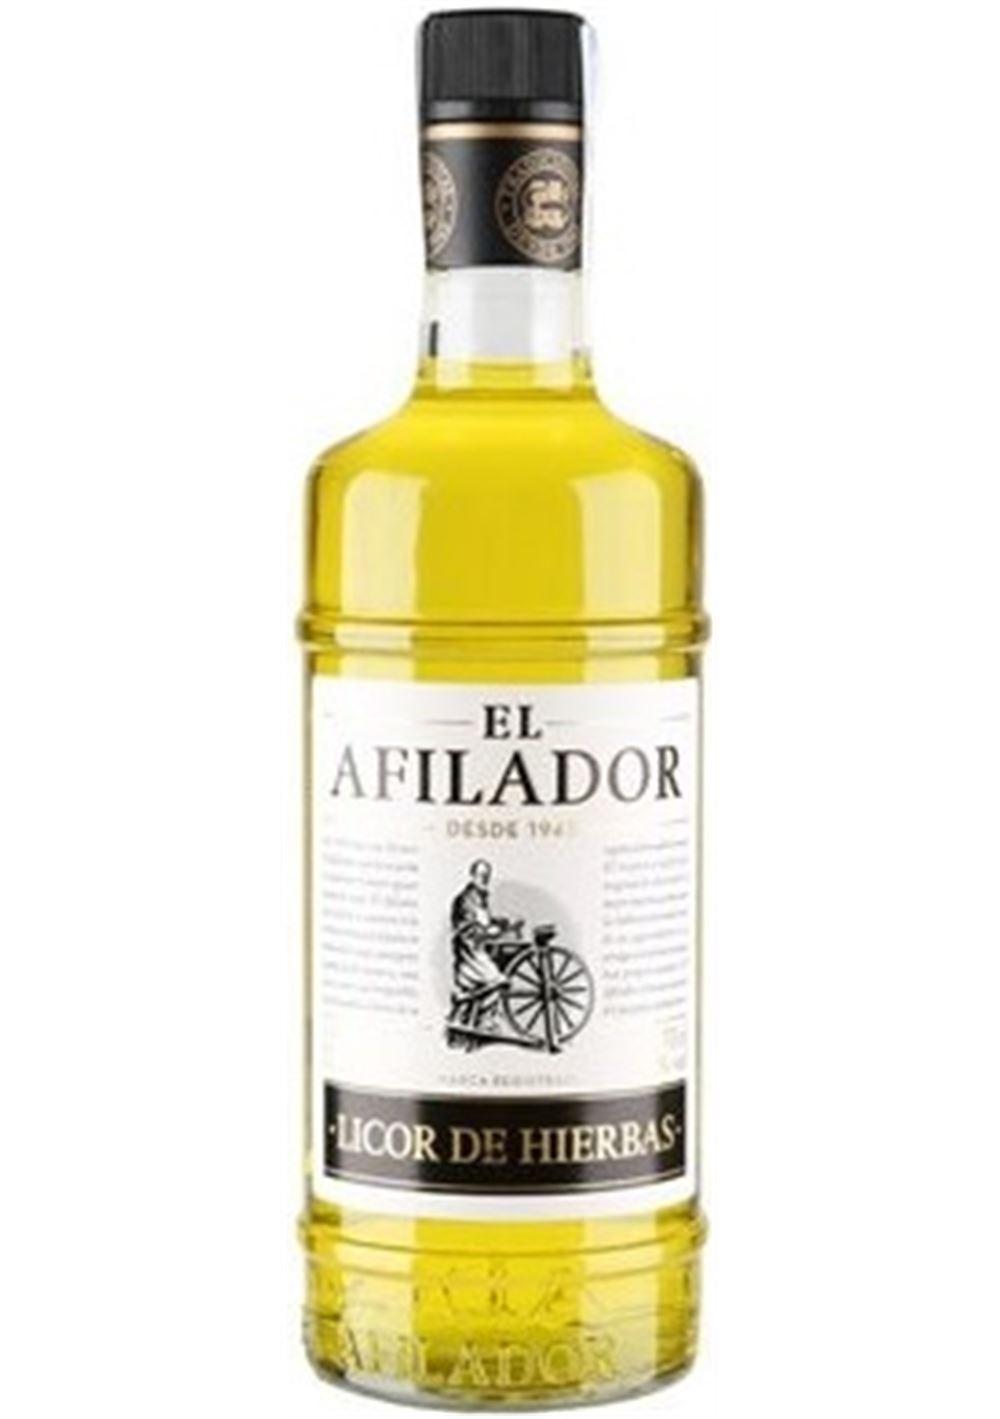 ELAFILADOR HIERBAS